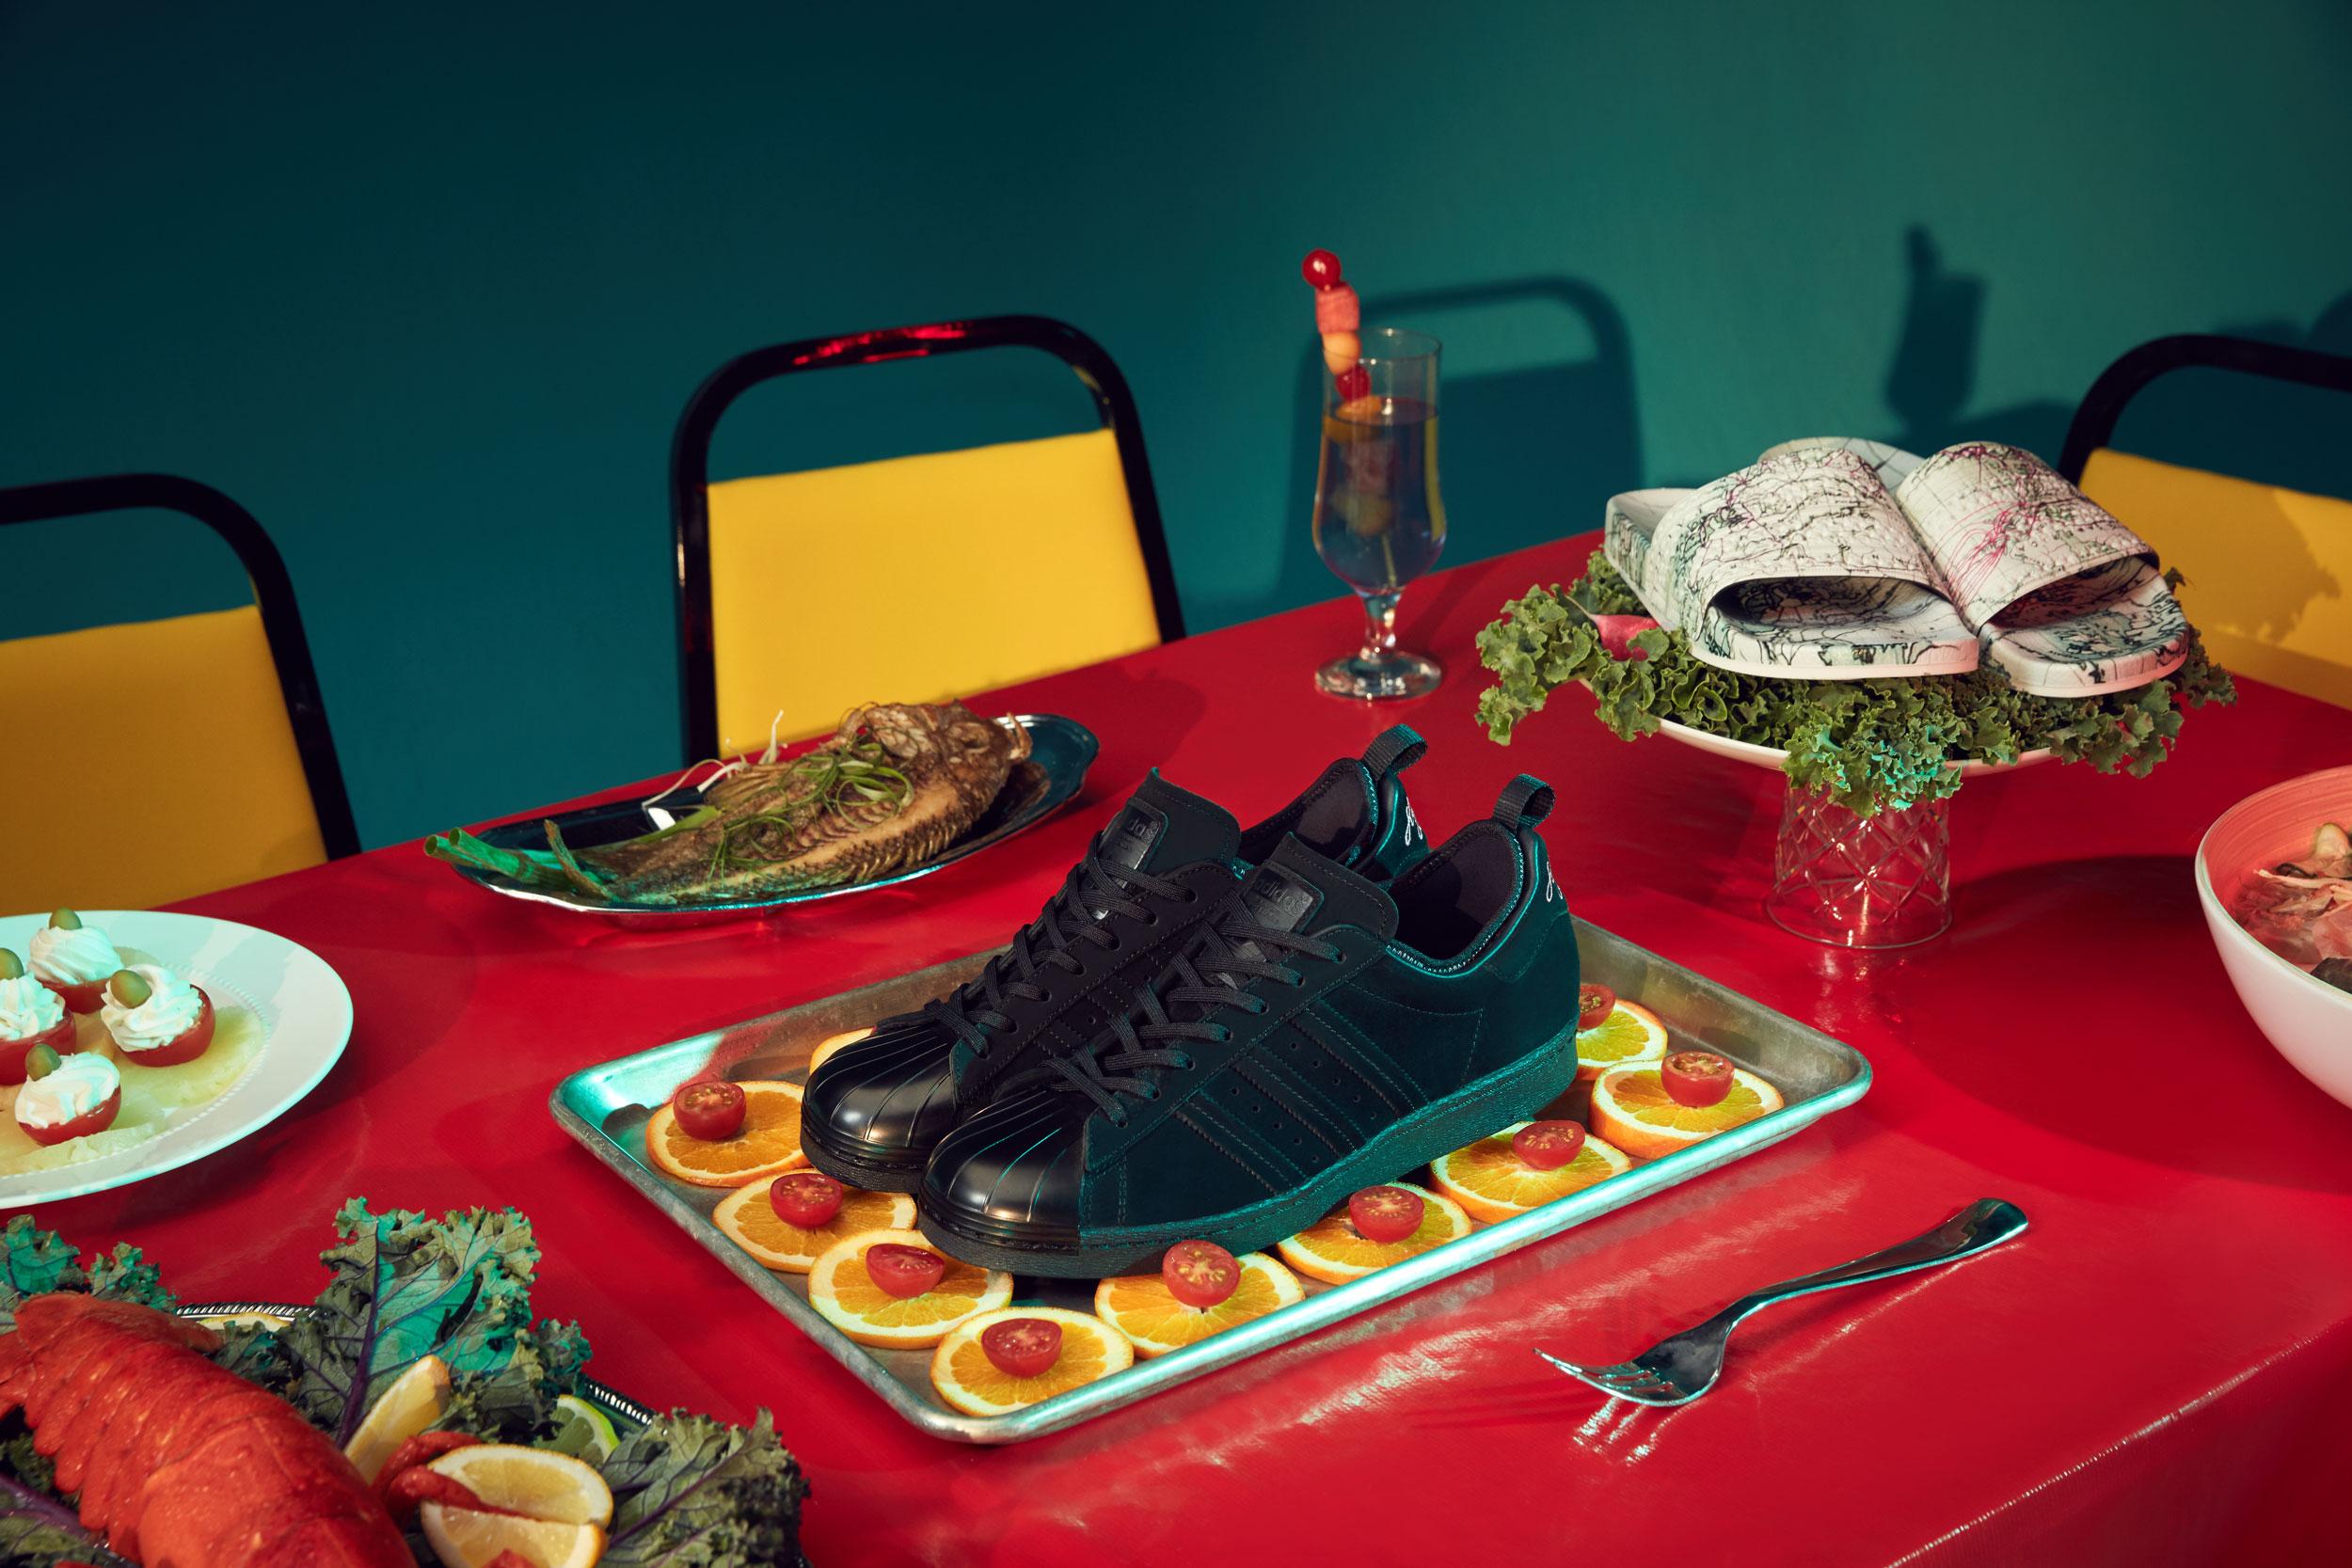 Eddie Huang / Adidas